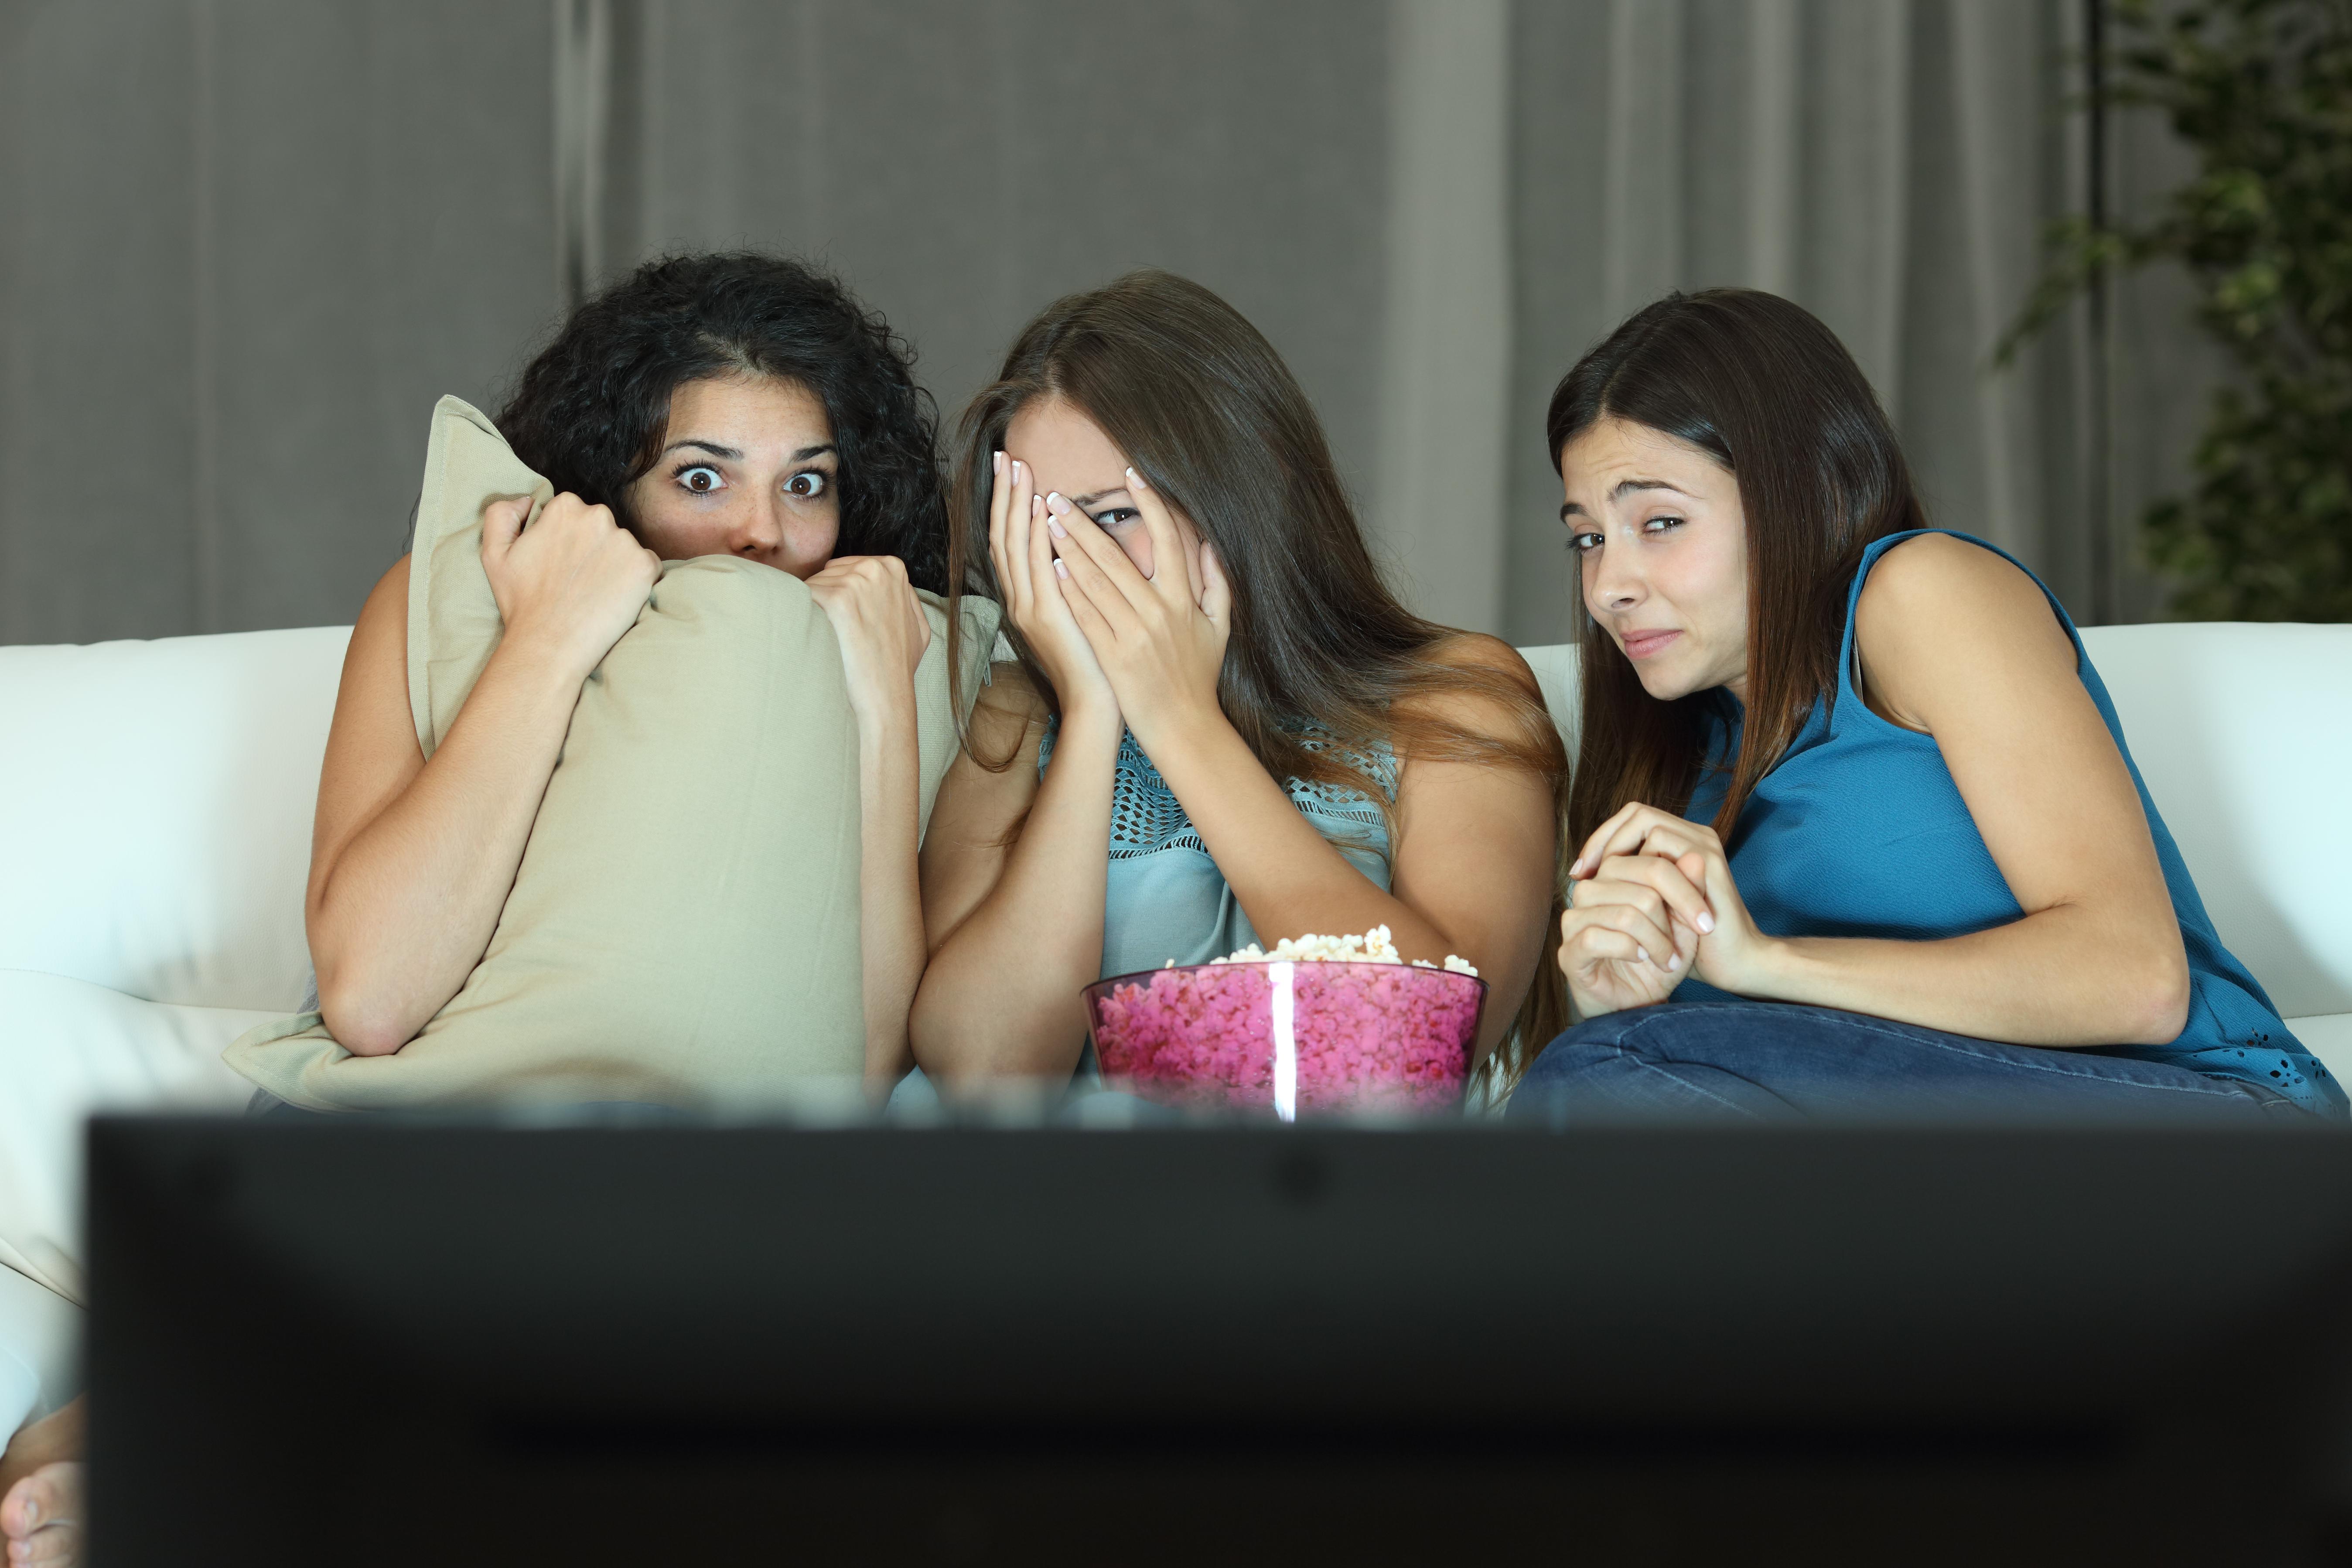 Das sind unsere Top 5 Horrorfilme auf Netflix